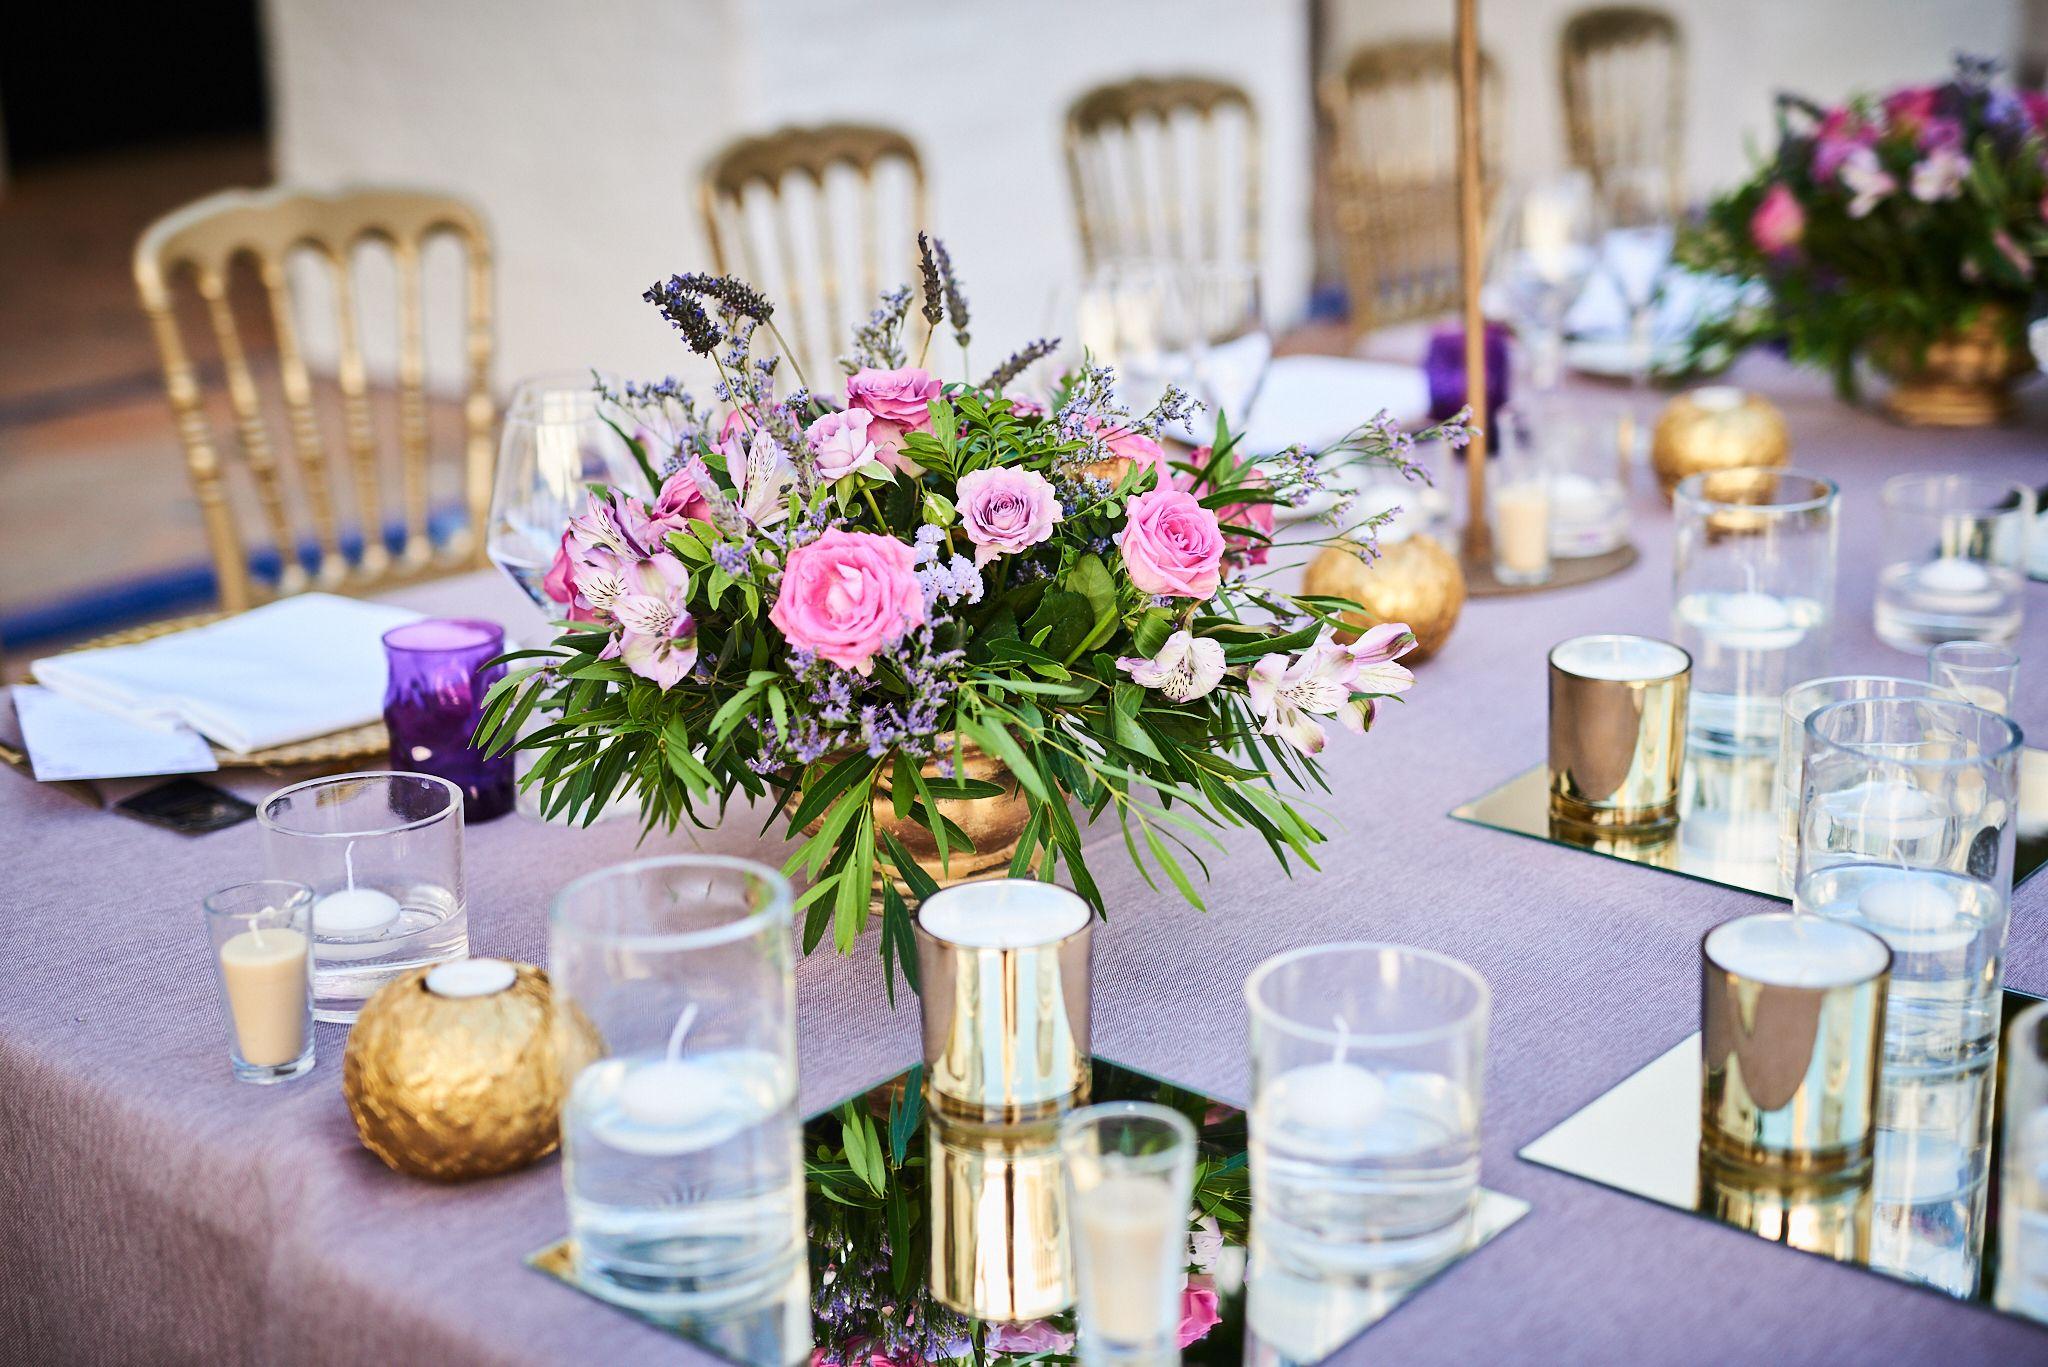 La-22Destination-Wedding22-en-Moguer-de-Lauren-y-JosC3A9-Antonio-JoseAntonio-alejandromarmol1956.jpg